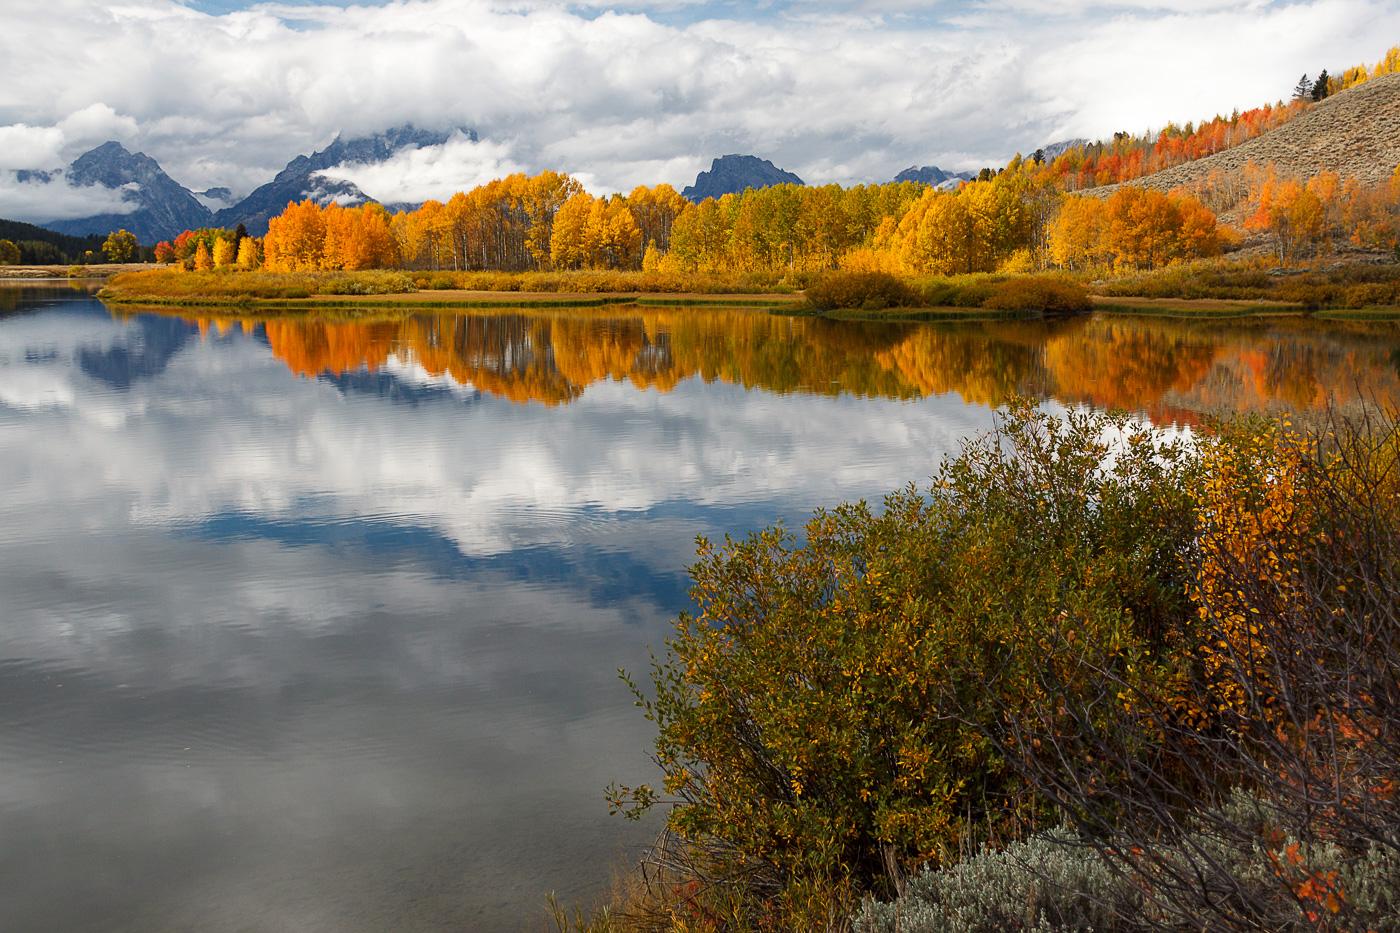 Grand Teton National Park - Paisatges de Nord-Amèrica - Raül Carmona - Fotografia, Fotografia d'estudi, esdeveniments i Natura